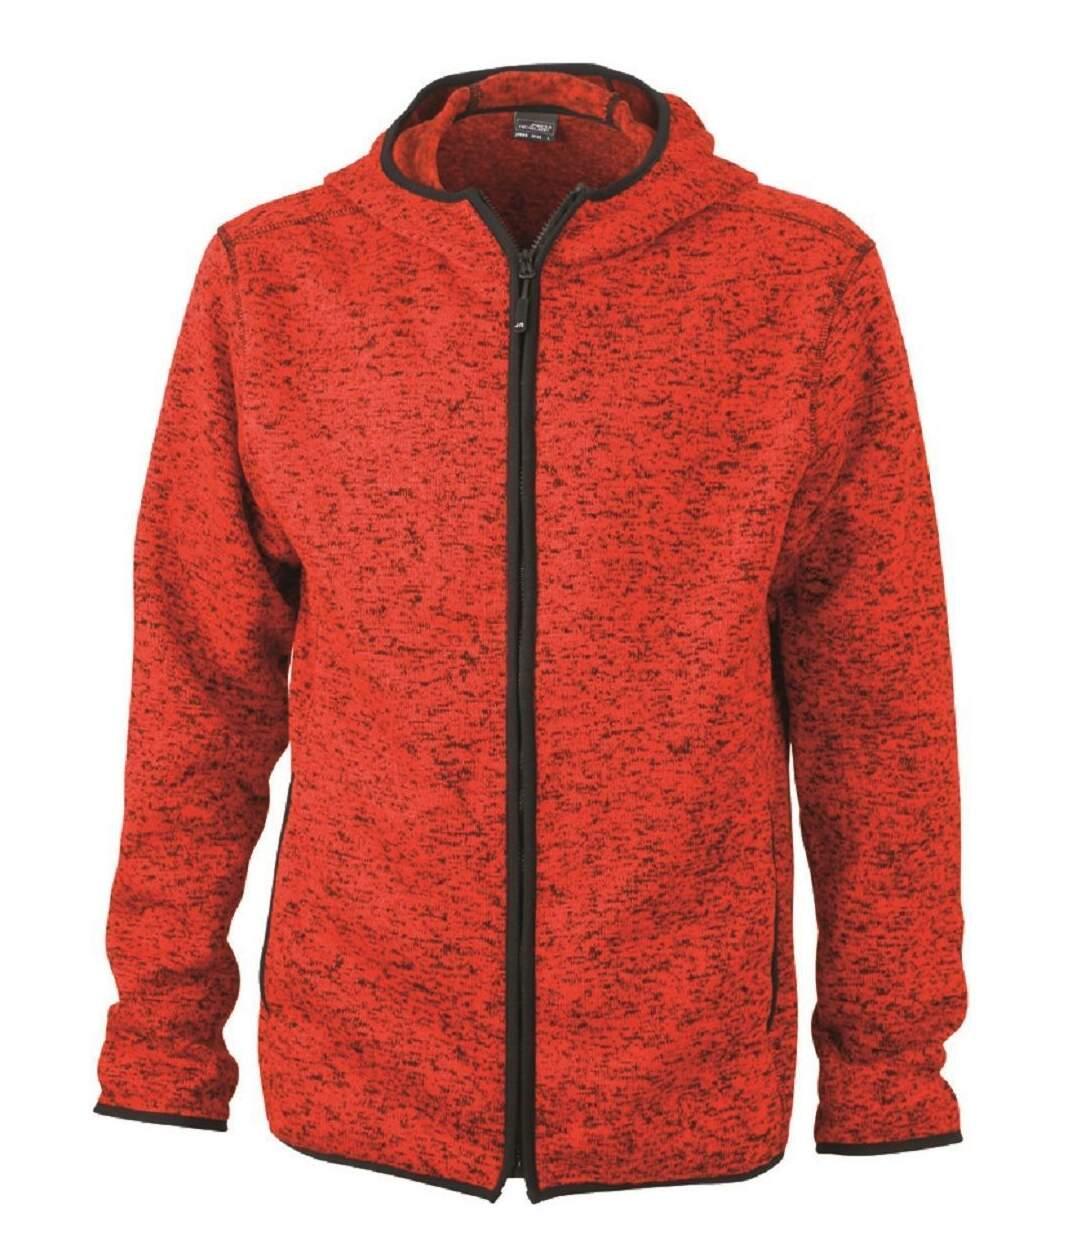 Veste tricot polaire à capuche HOMME- JN589 - rouge chiné